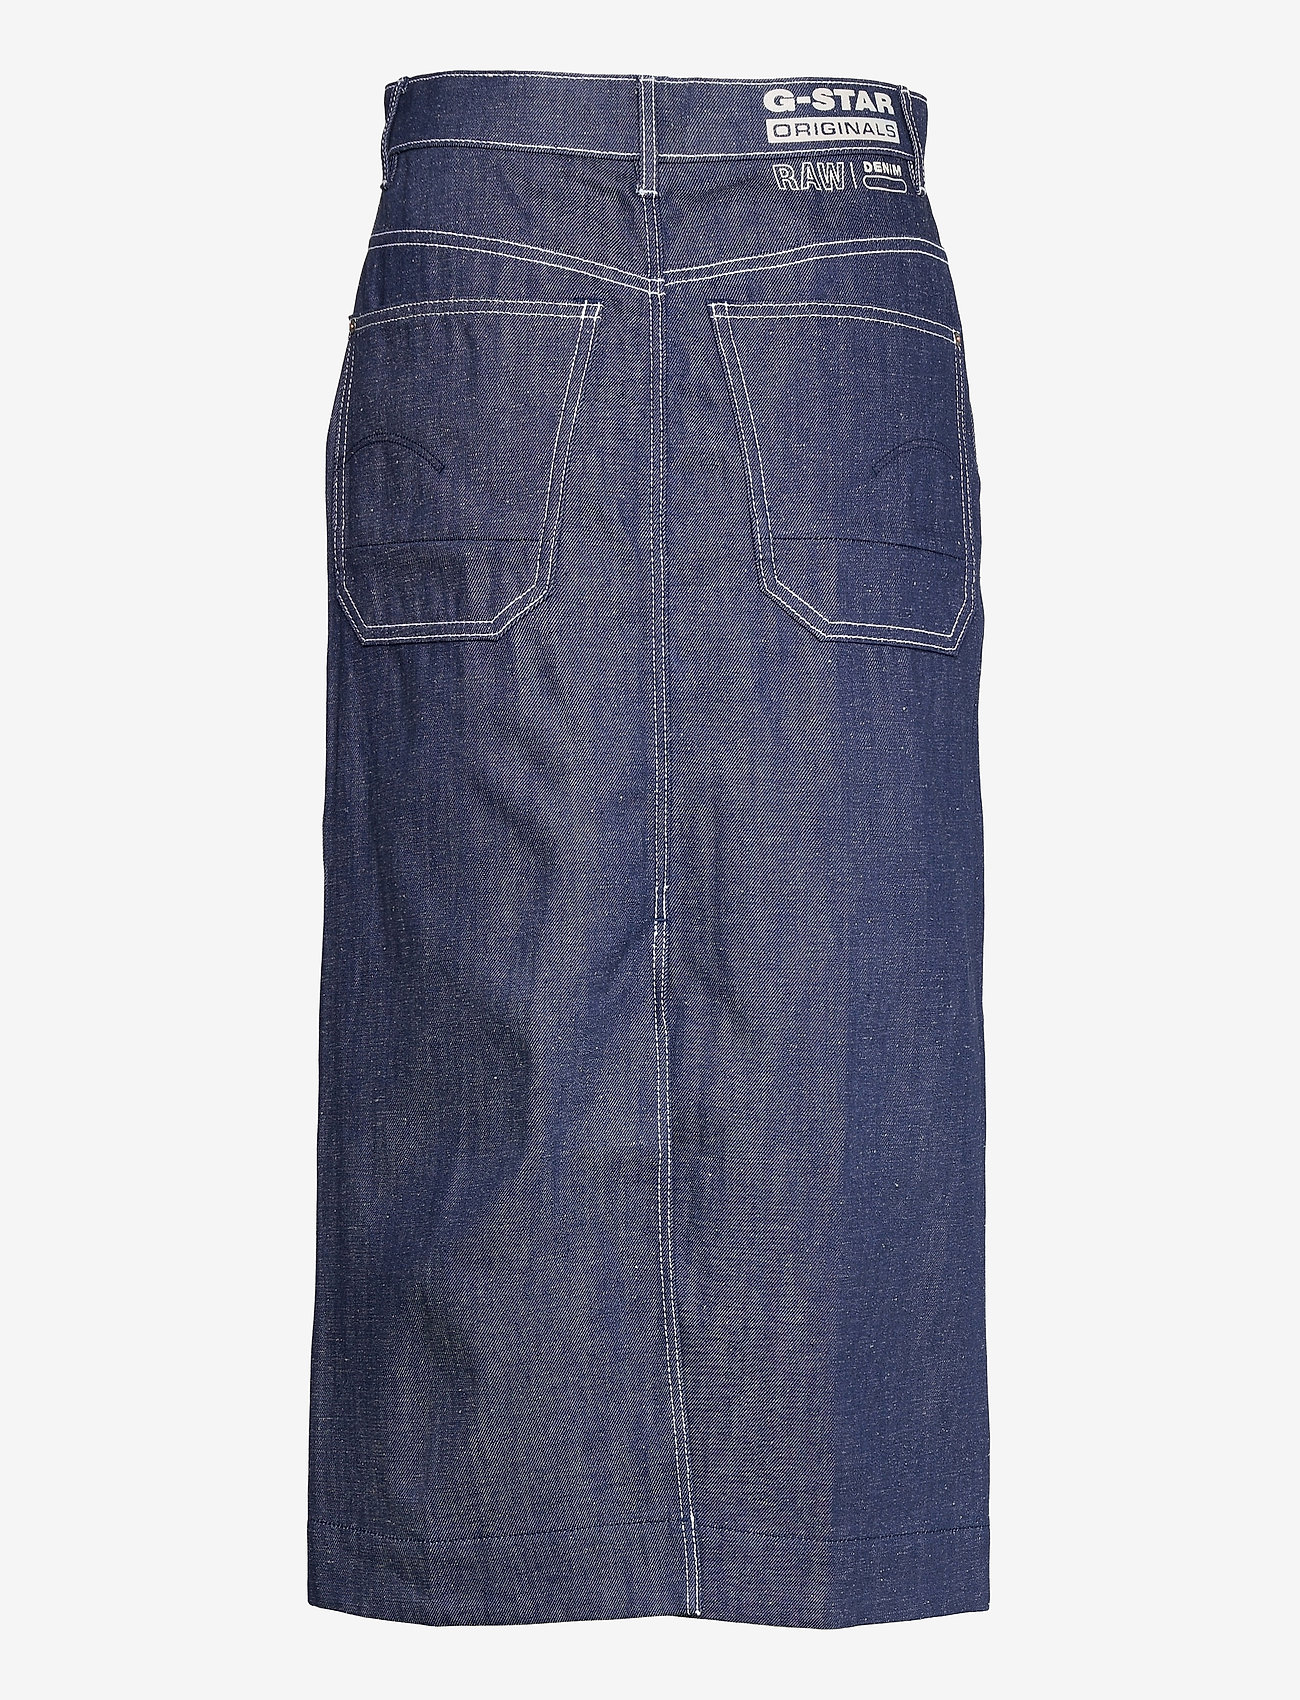 G-star RAW - New Revynn Ultra High Skirt C - jeansrokken - raw denim - 1